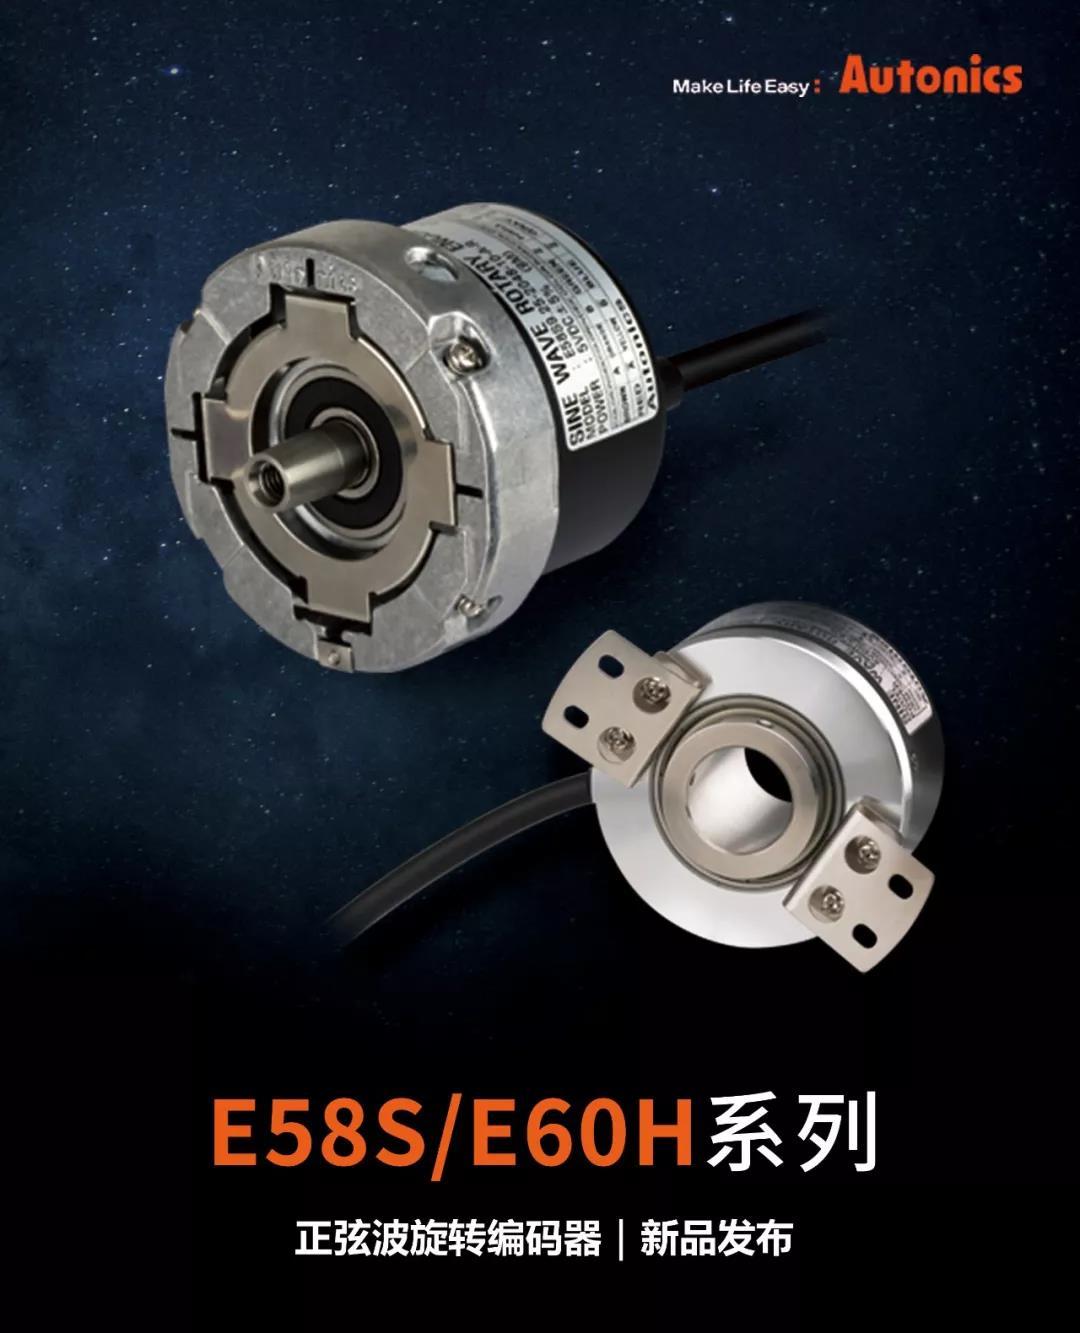 新品上市 | 正弦波旋转编码器E58S/E60H系列